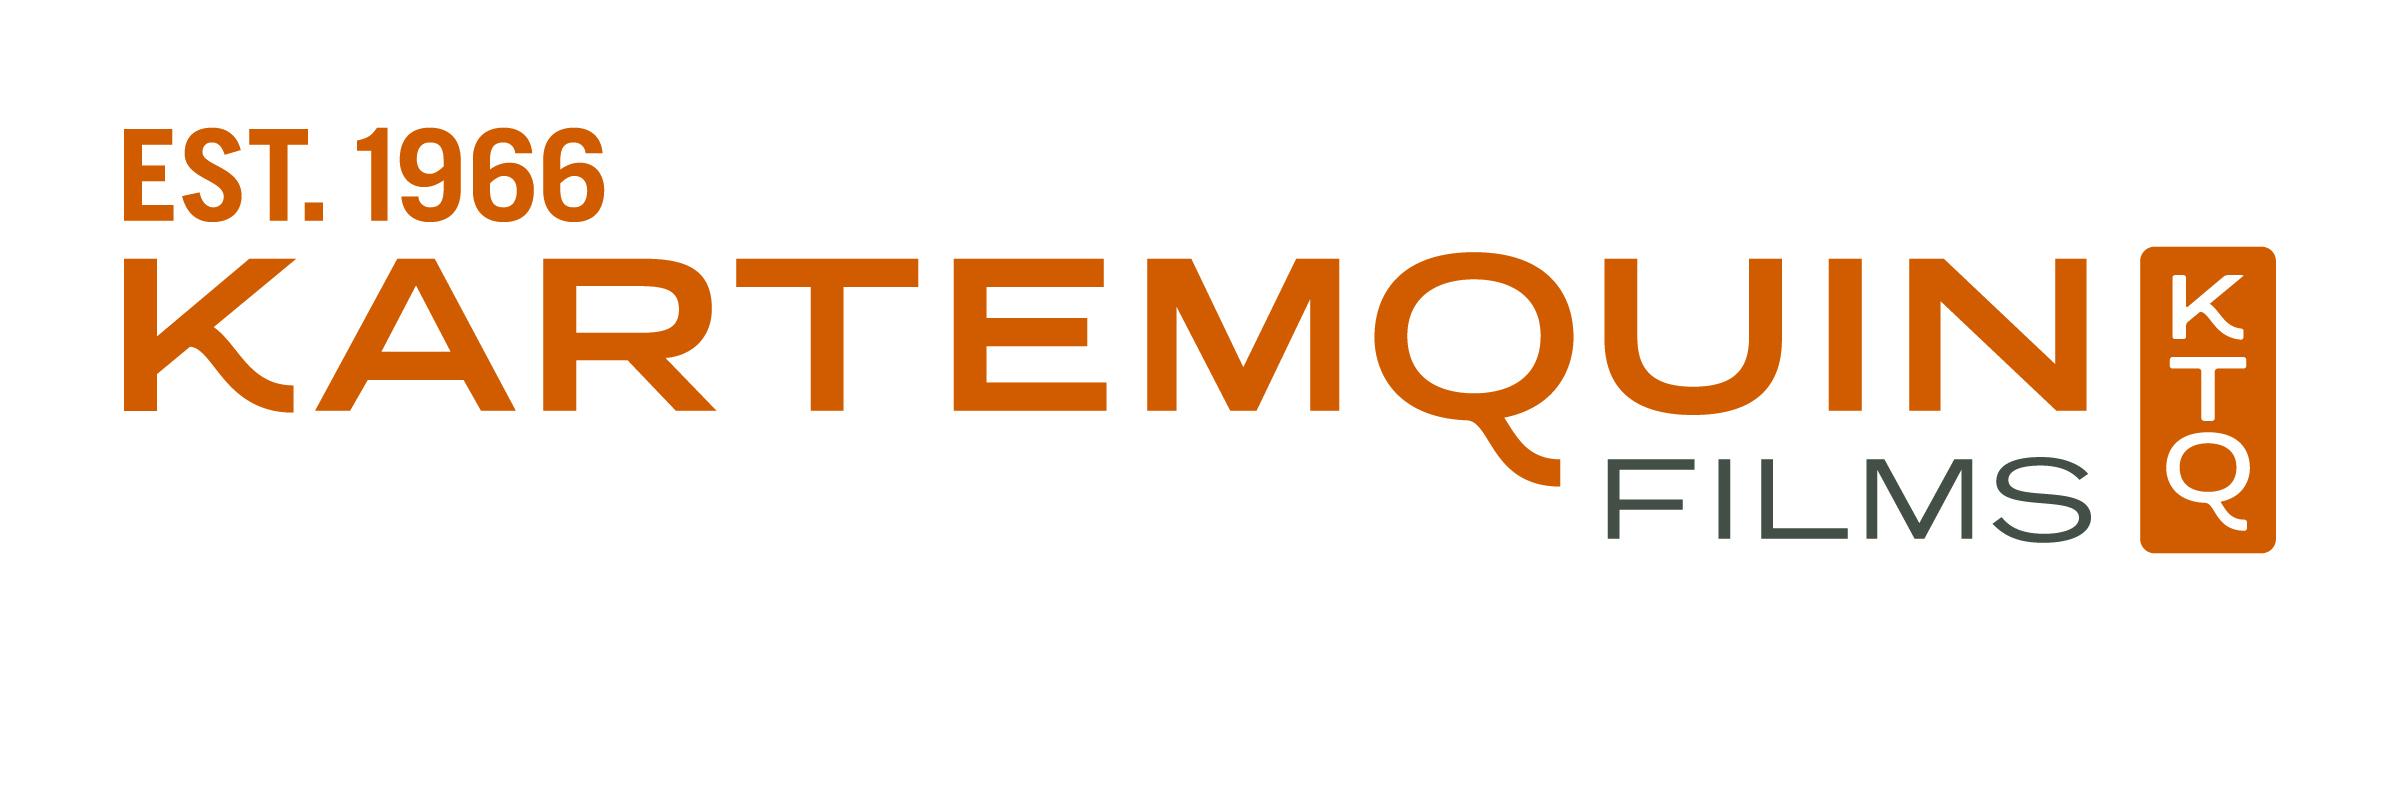 Kartemquin-Films-Logo.jpg